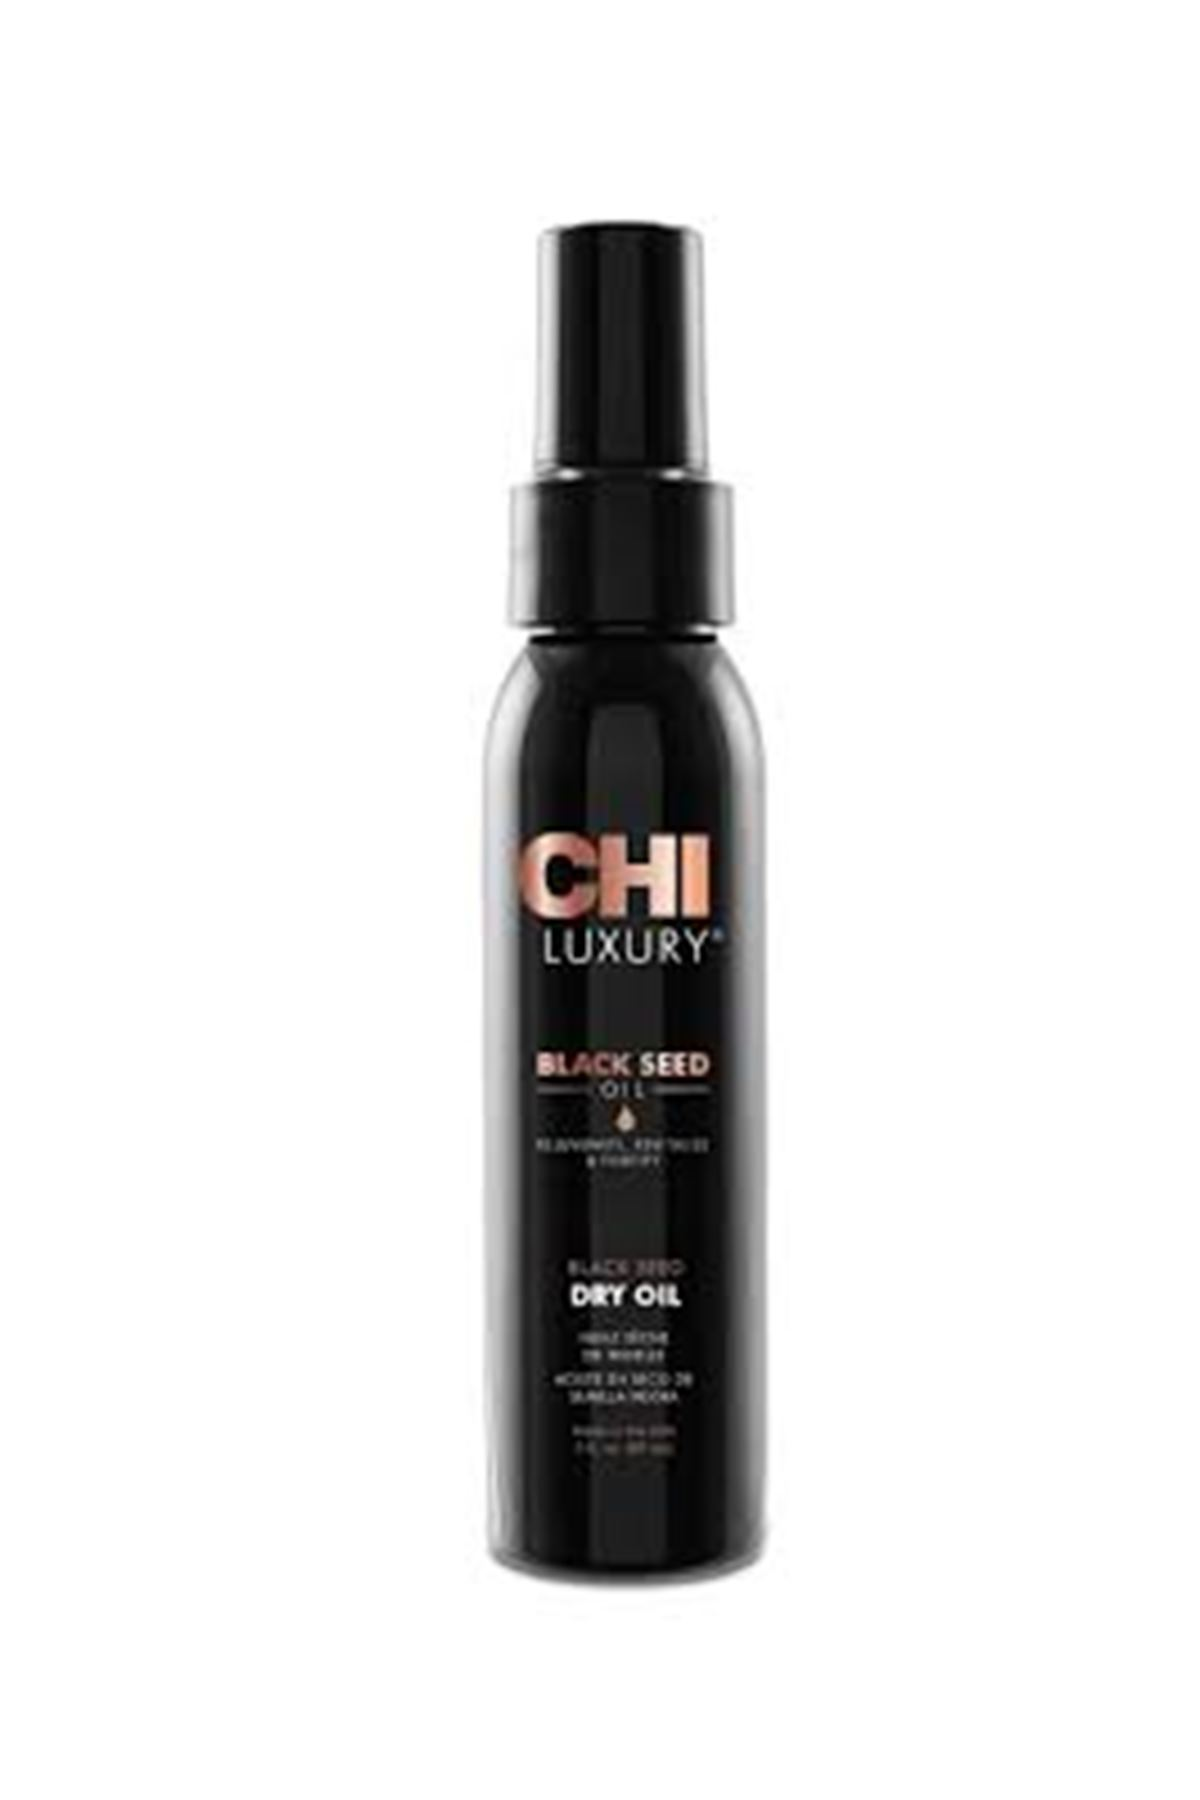 CHI LUXURY® Black Seed Oil Black Seed Dry Oil-Kuru Çörek Otu Yağı 89ml